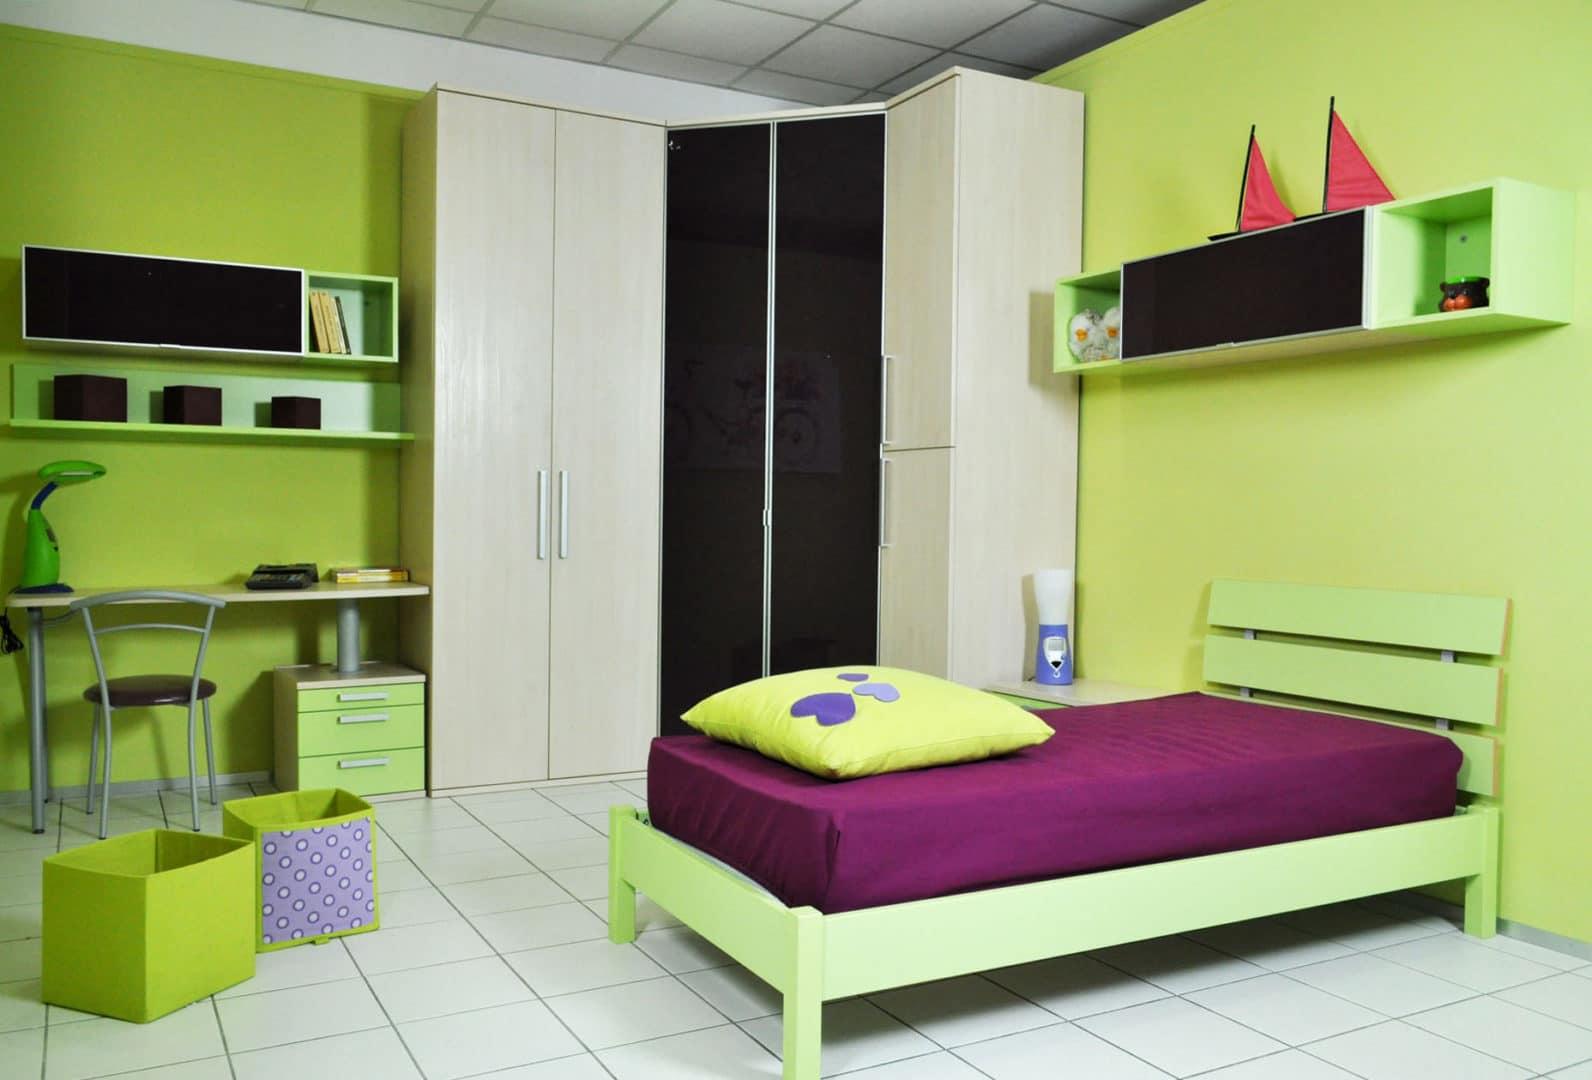 Mobili bagno viola: offerte mobili bagno viola : per ingresso e ...